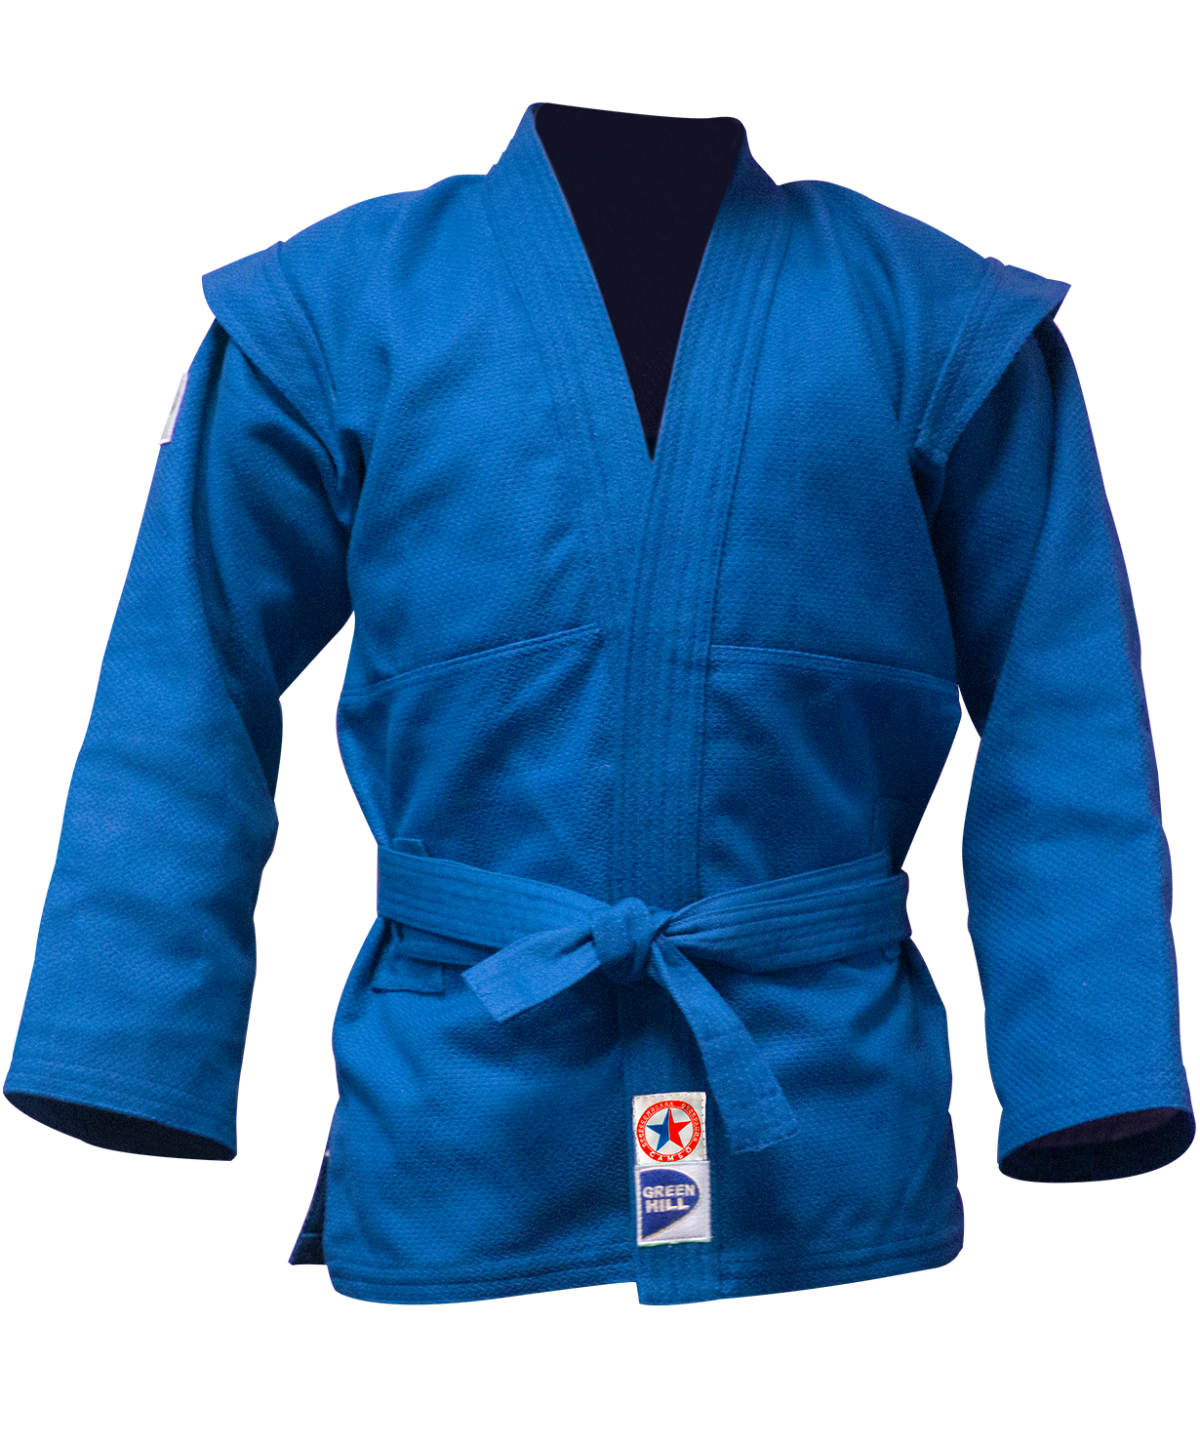 GREEN HILL Куртка для самбо  JS-303: синий - 1